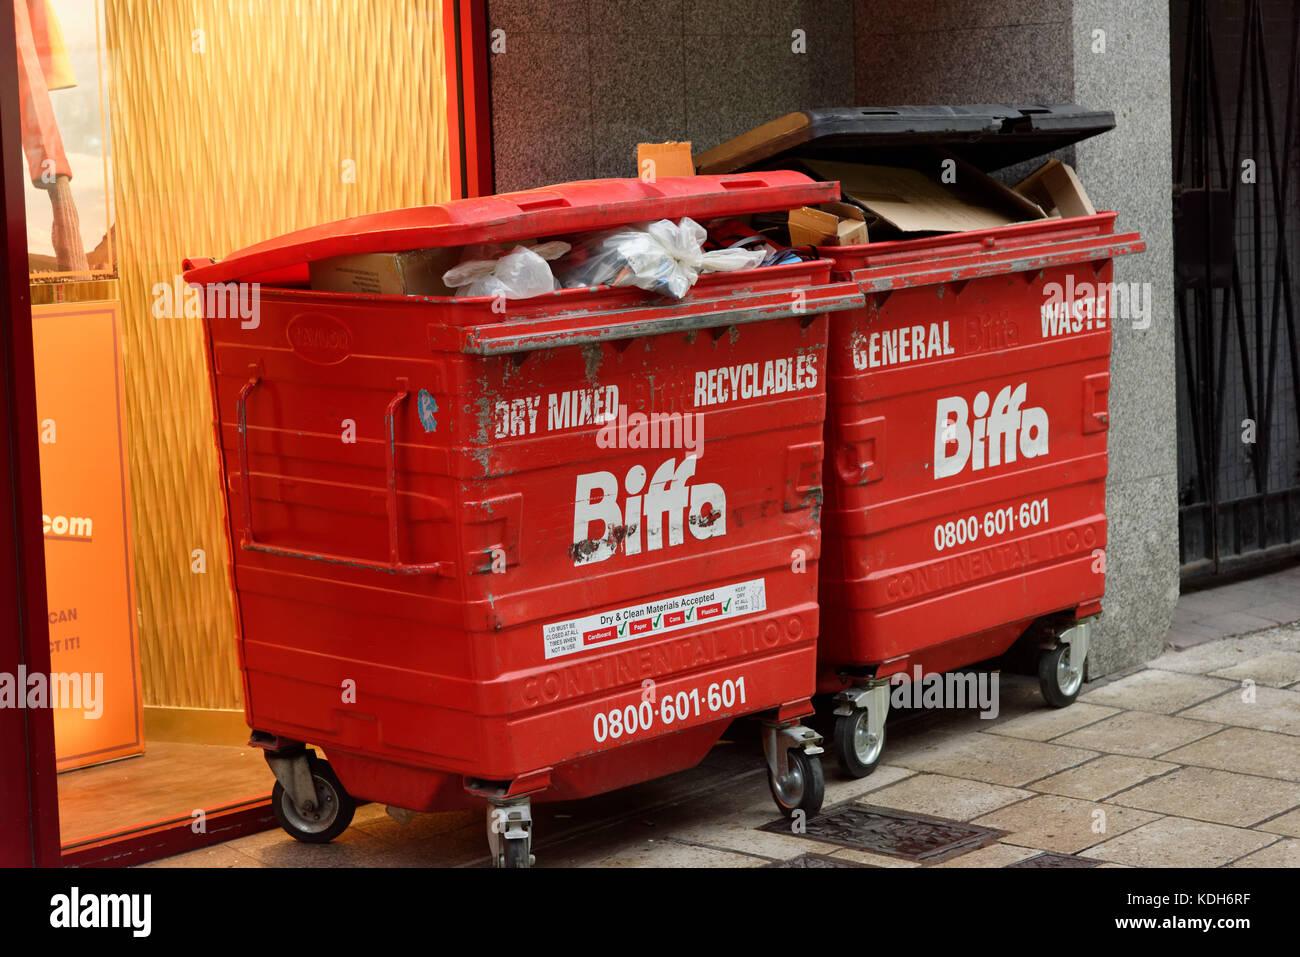 Bandejas biffa bin basura recogida de basura en el contenedor de la gestión de residuos Imagen De Stock